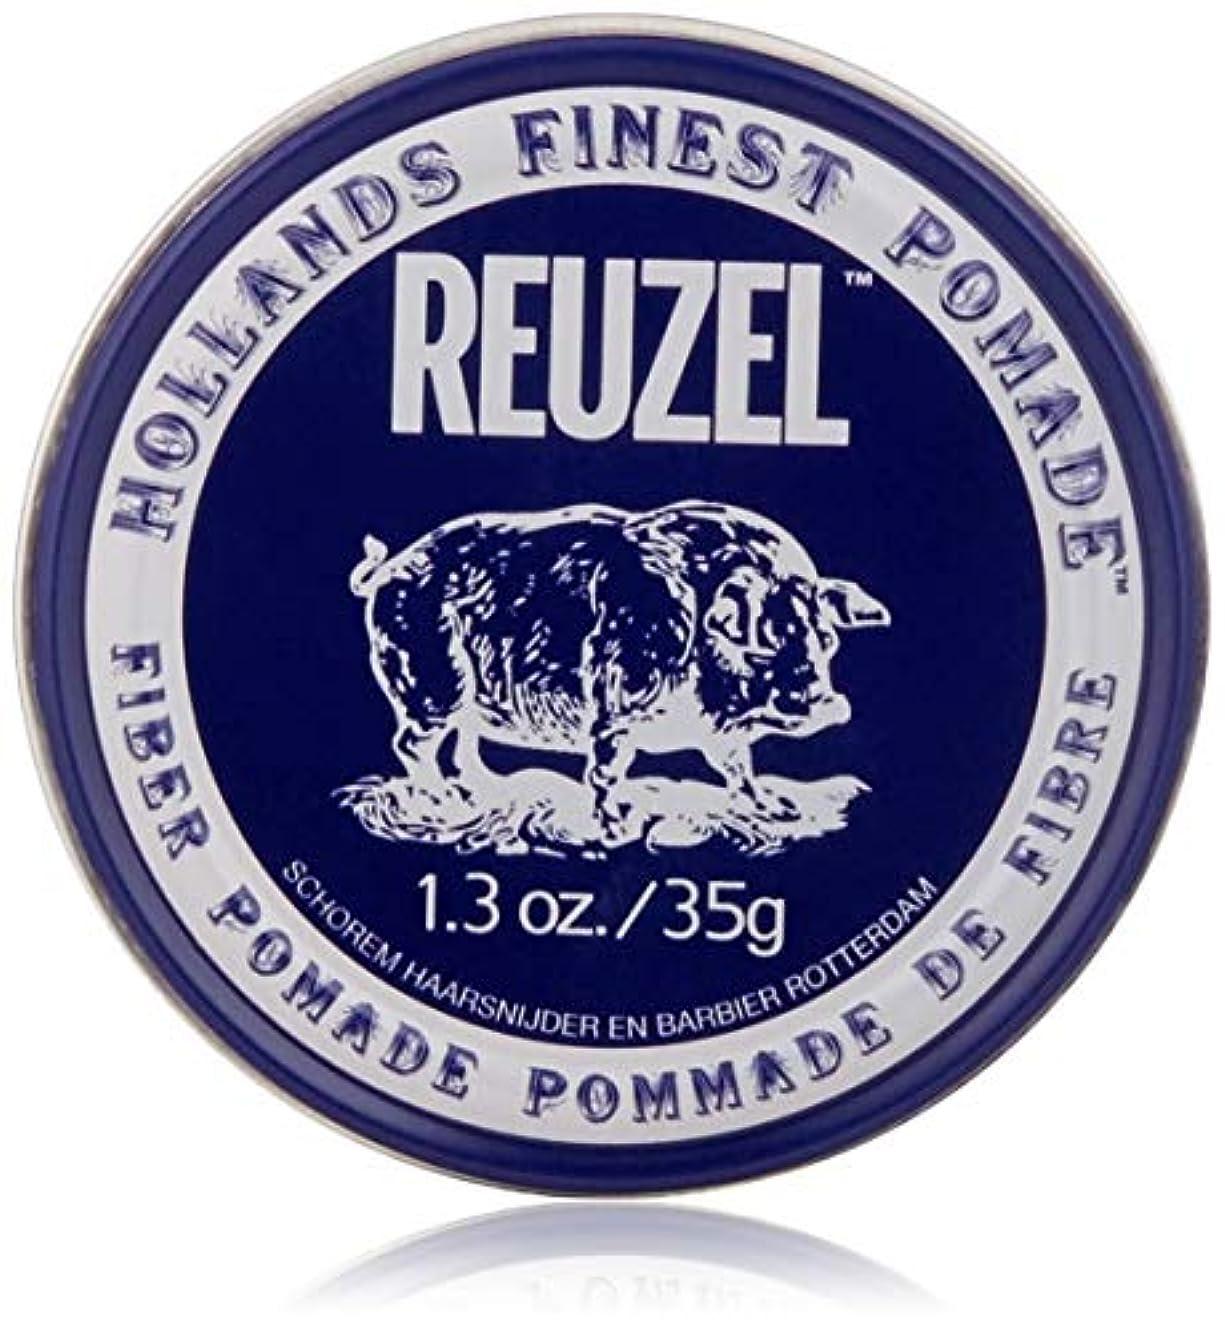 おかしい足枷見つけたREUZEL INC Reuzelナチュラルフィニッシュ繊維ポマード、1.3オンス 1.3オンス 濃紺